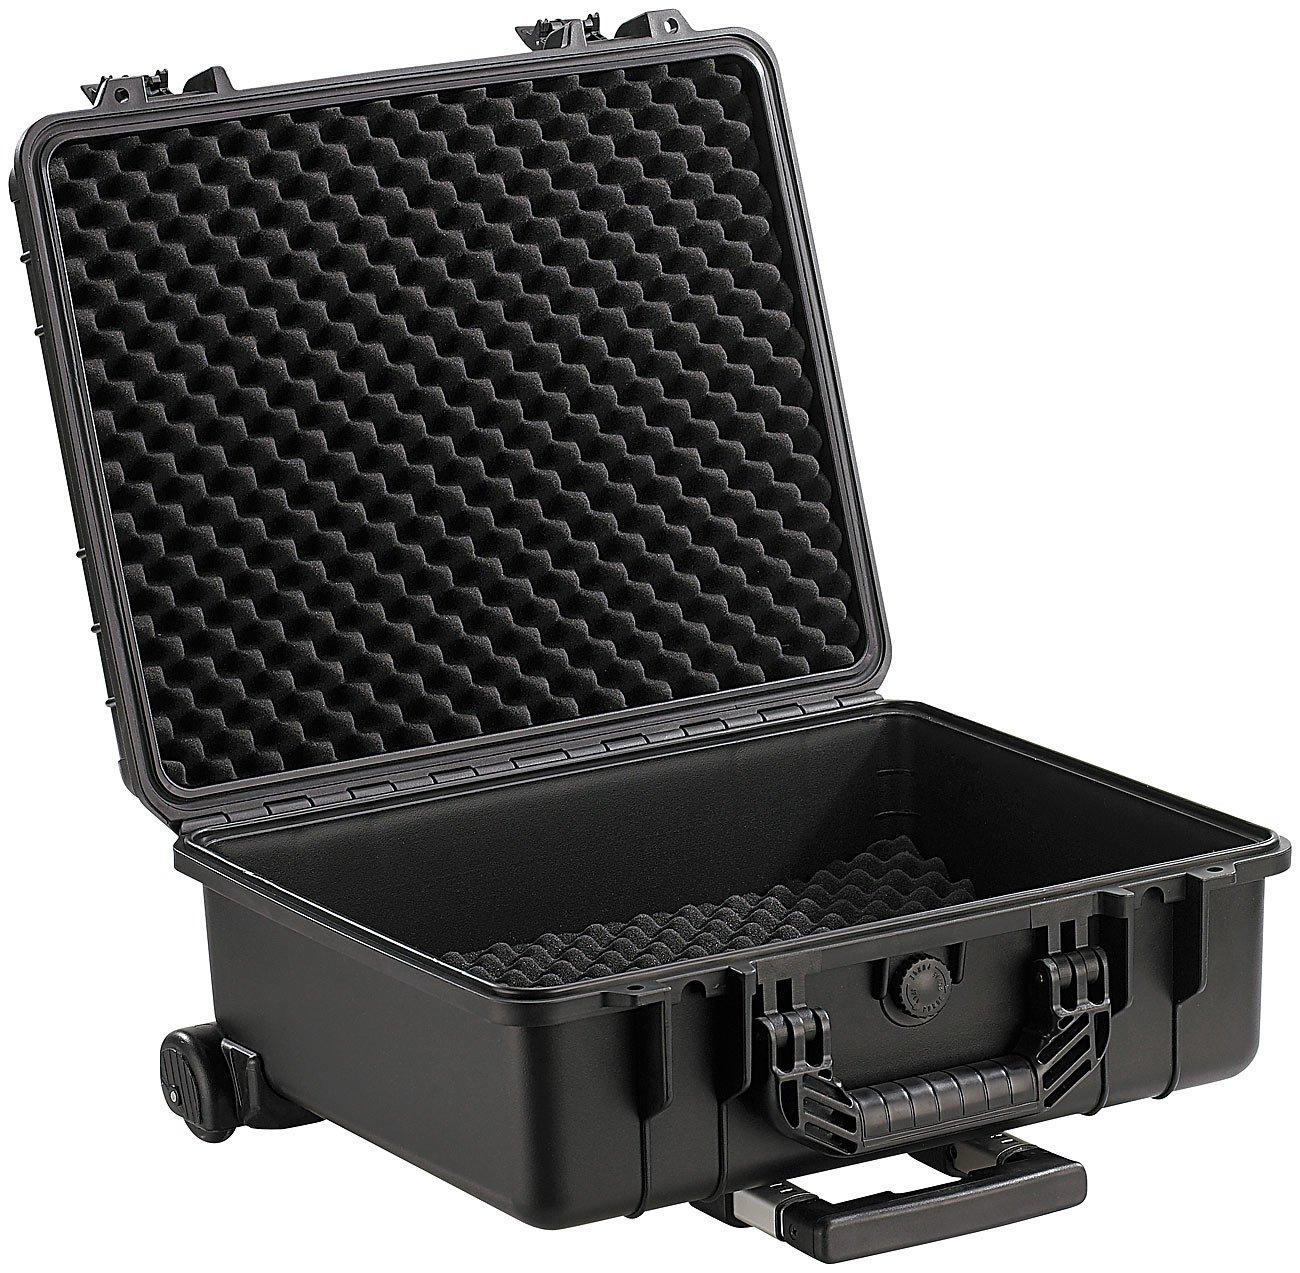 Xcase-Kamerakoffer-Staub-und-wasserdichter-Trolley-Koffer-475-x-39-x-20-cm-IP67-Rollkoffer